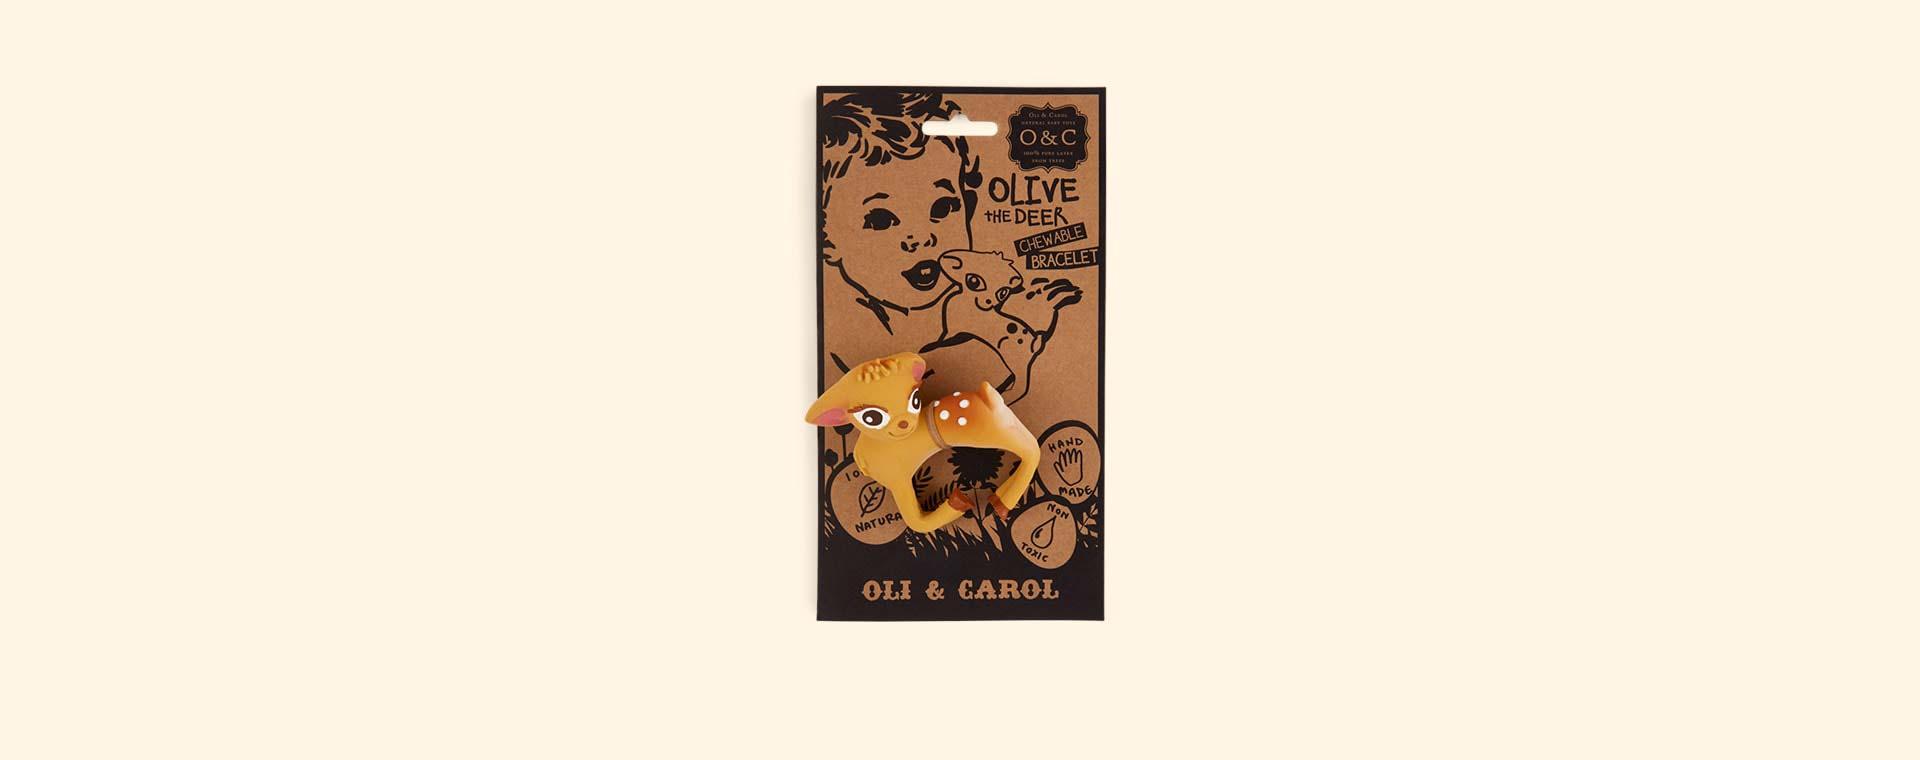 Brown Oli & Carol Olive the Deer Teething Bracelet